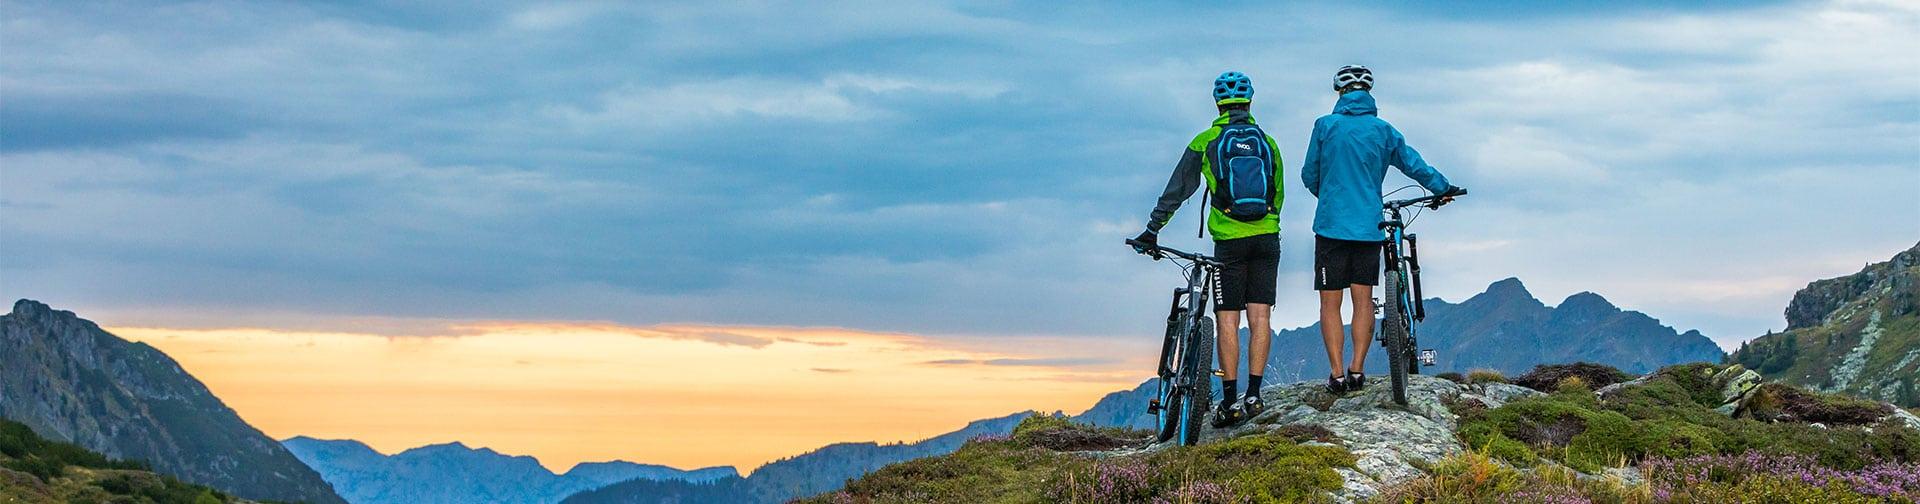 Mountainbiken - Sommerurlaub Schladming-Dachstein